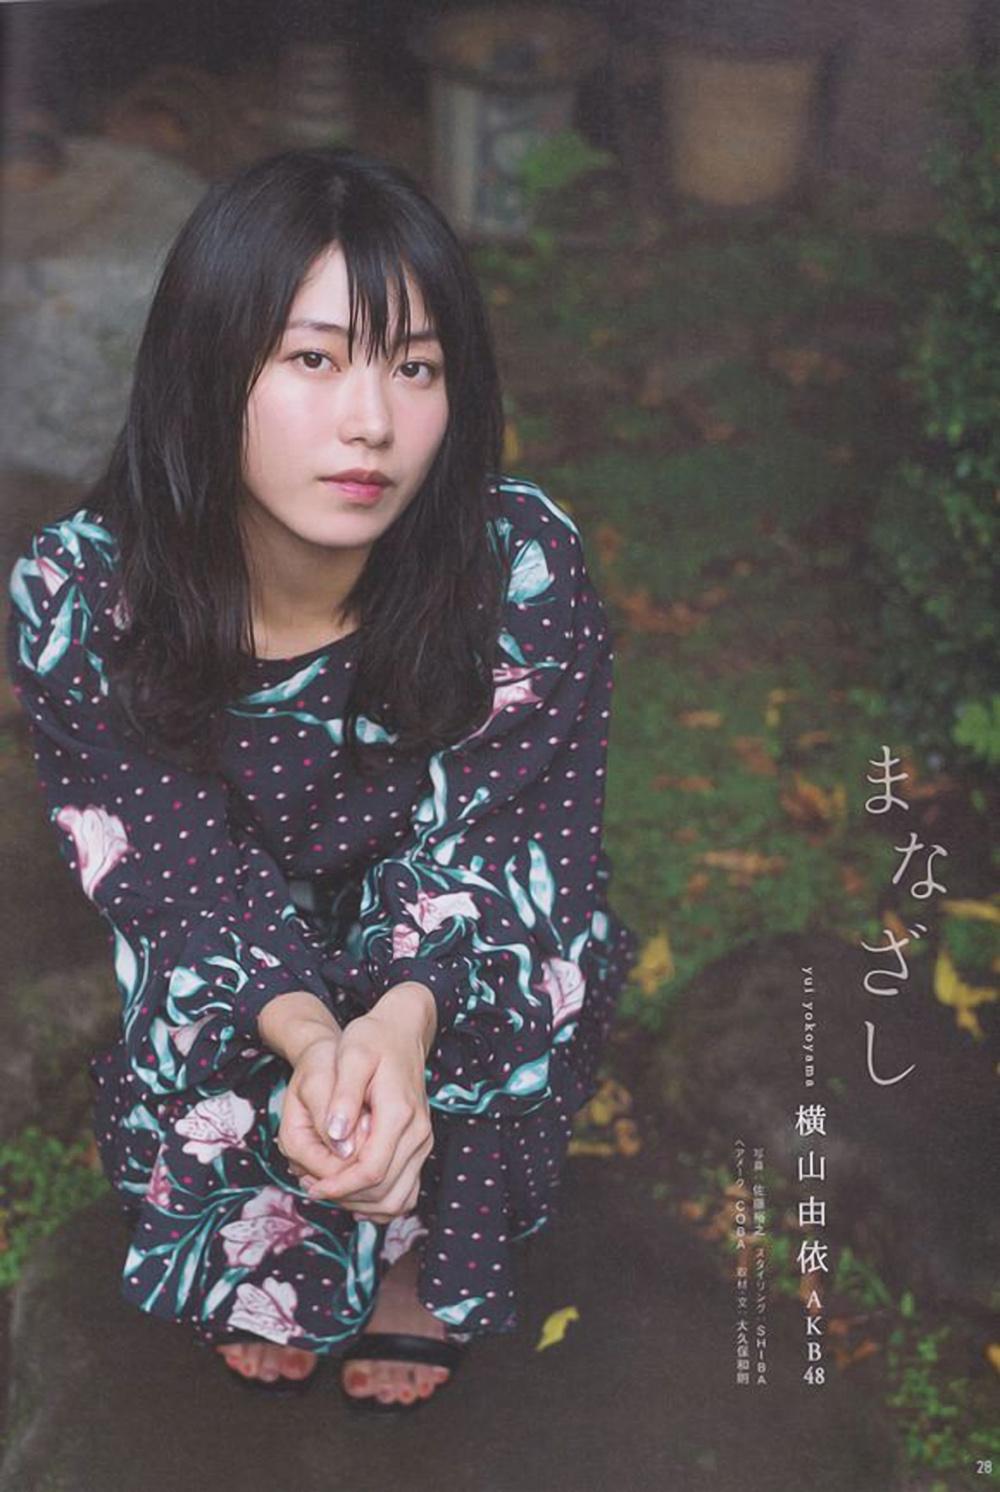 Yokoyama Yui 横山由依, B.L.T Graph 2017 Vol.24